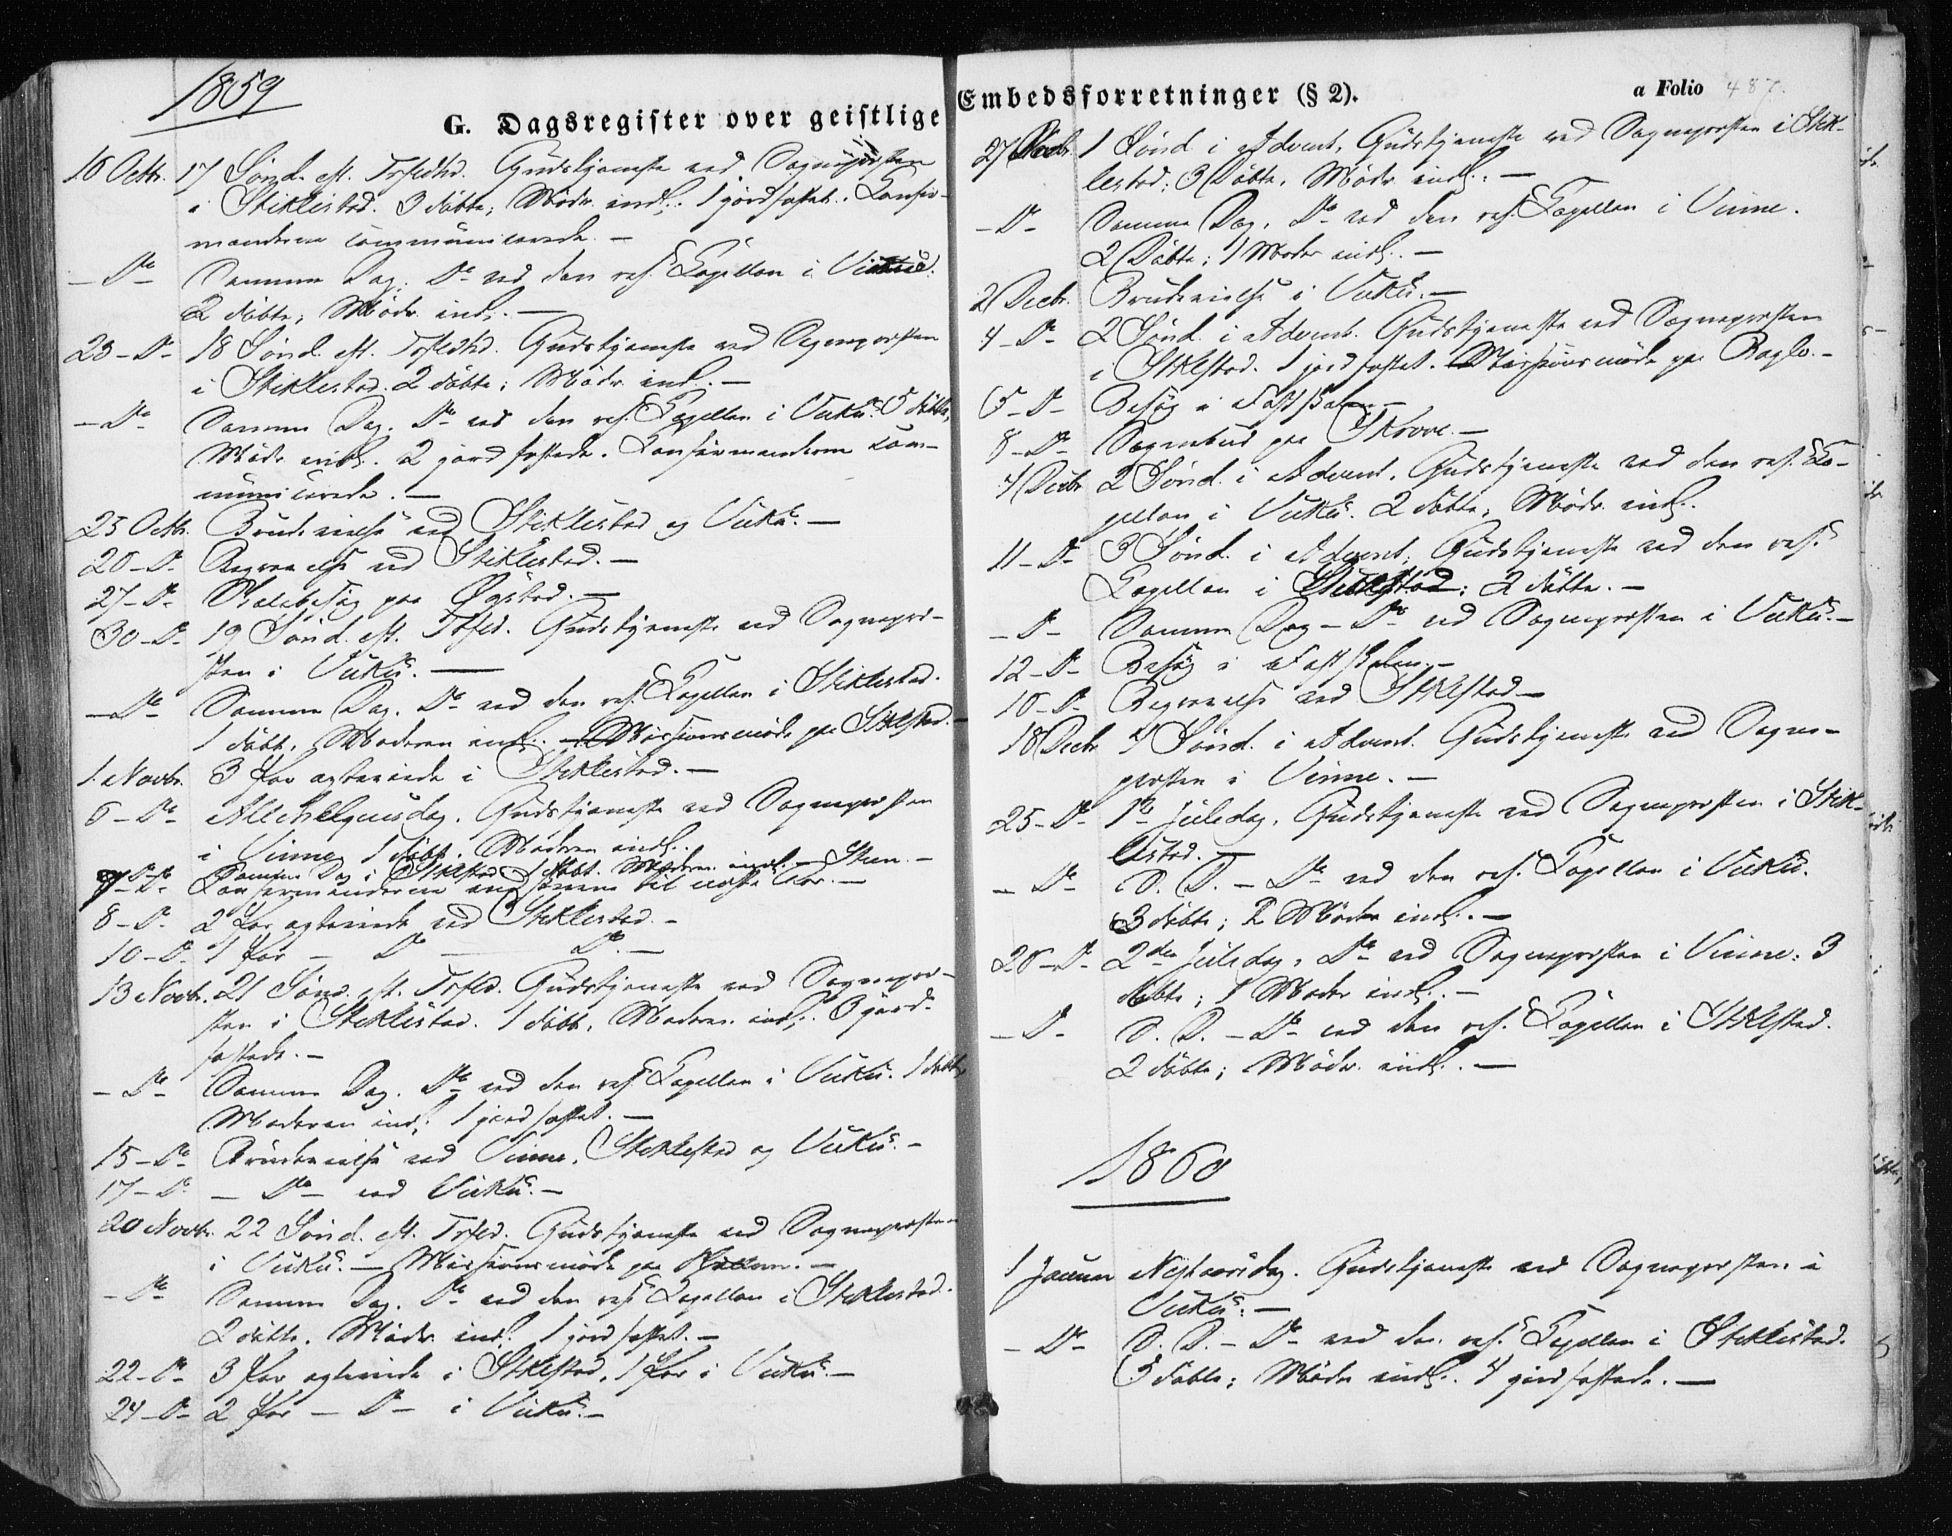 SAT, Ministerialprotokoller, klokkerbøker og fødselsregistre - Nord-Trøndelag, 723/L0240: Ministerialbok nr. 723A09, 1852-1860, s. 487